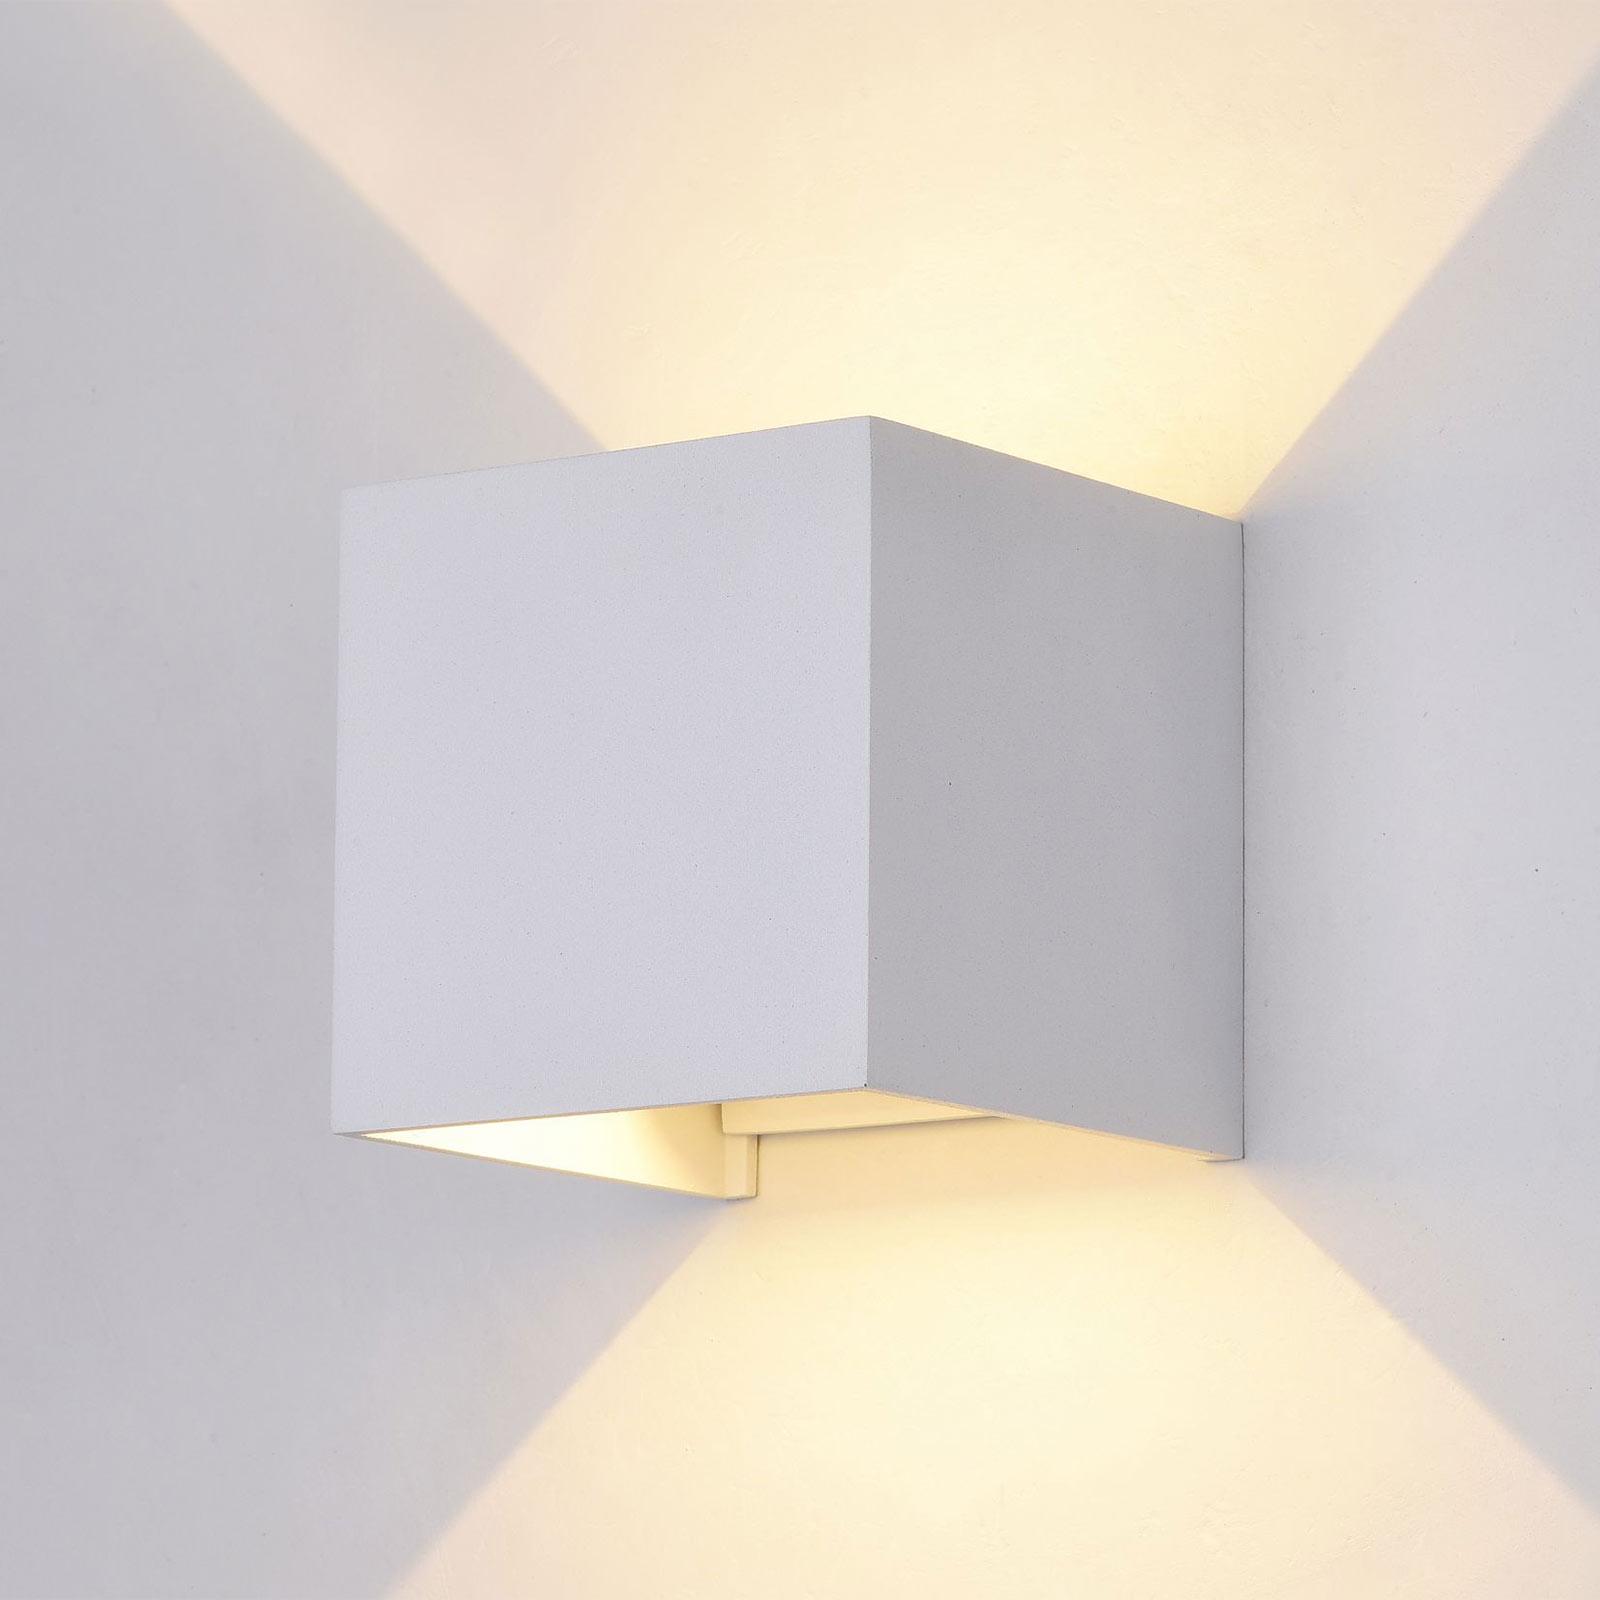 Fulton utendørs LED-vegglampe, 10x10cm, hvit